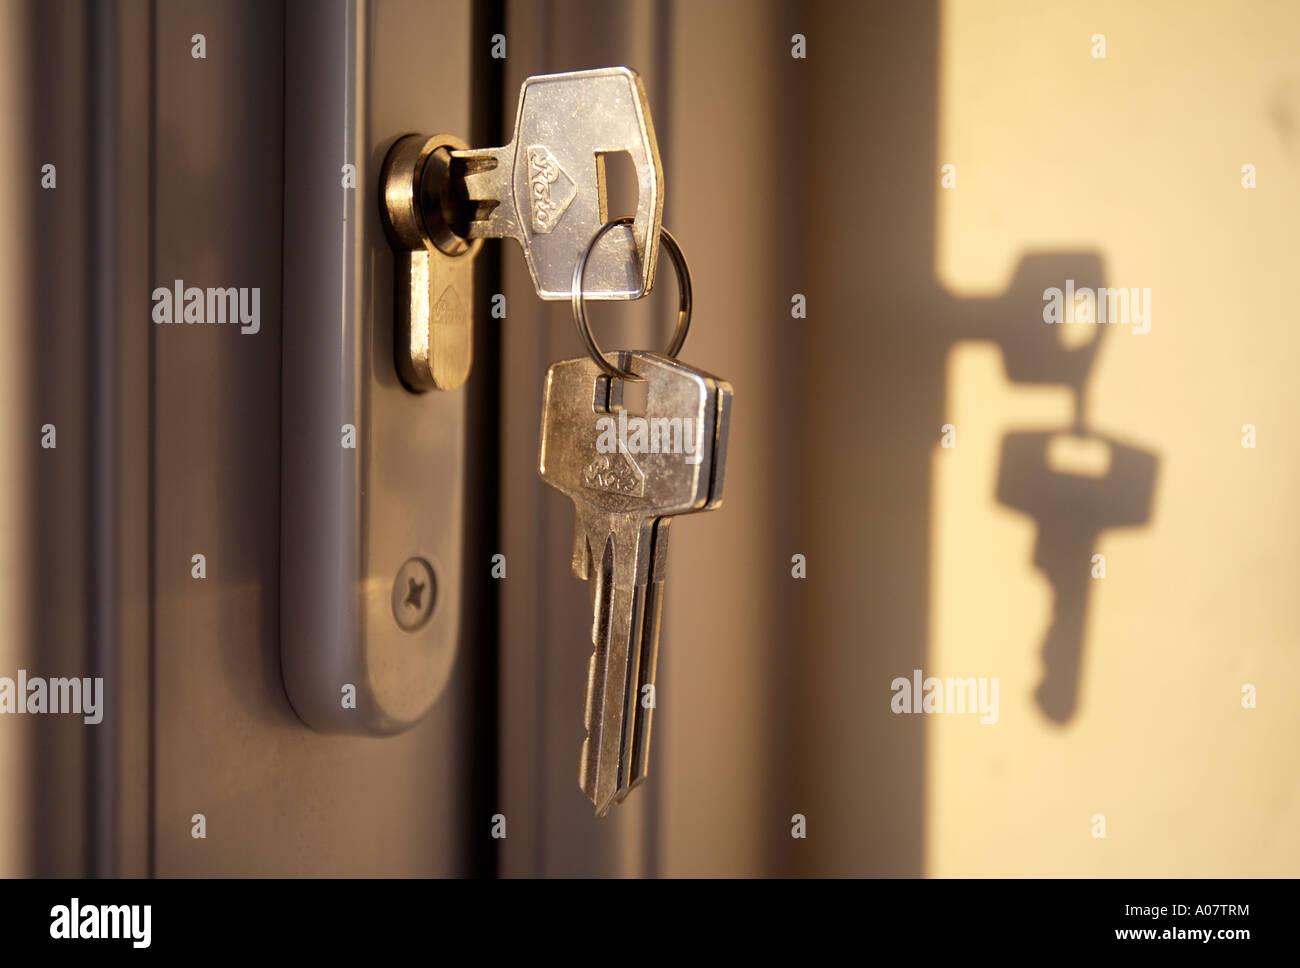 Keys In Door Lock - Stock Image